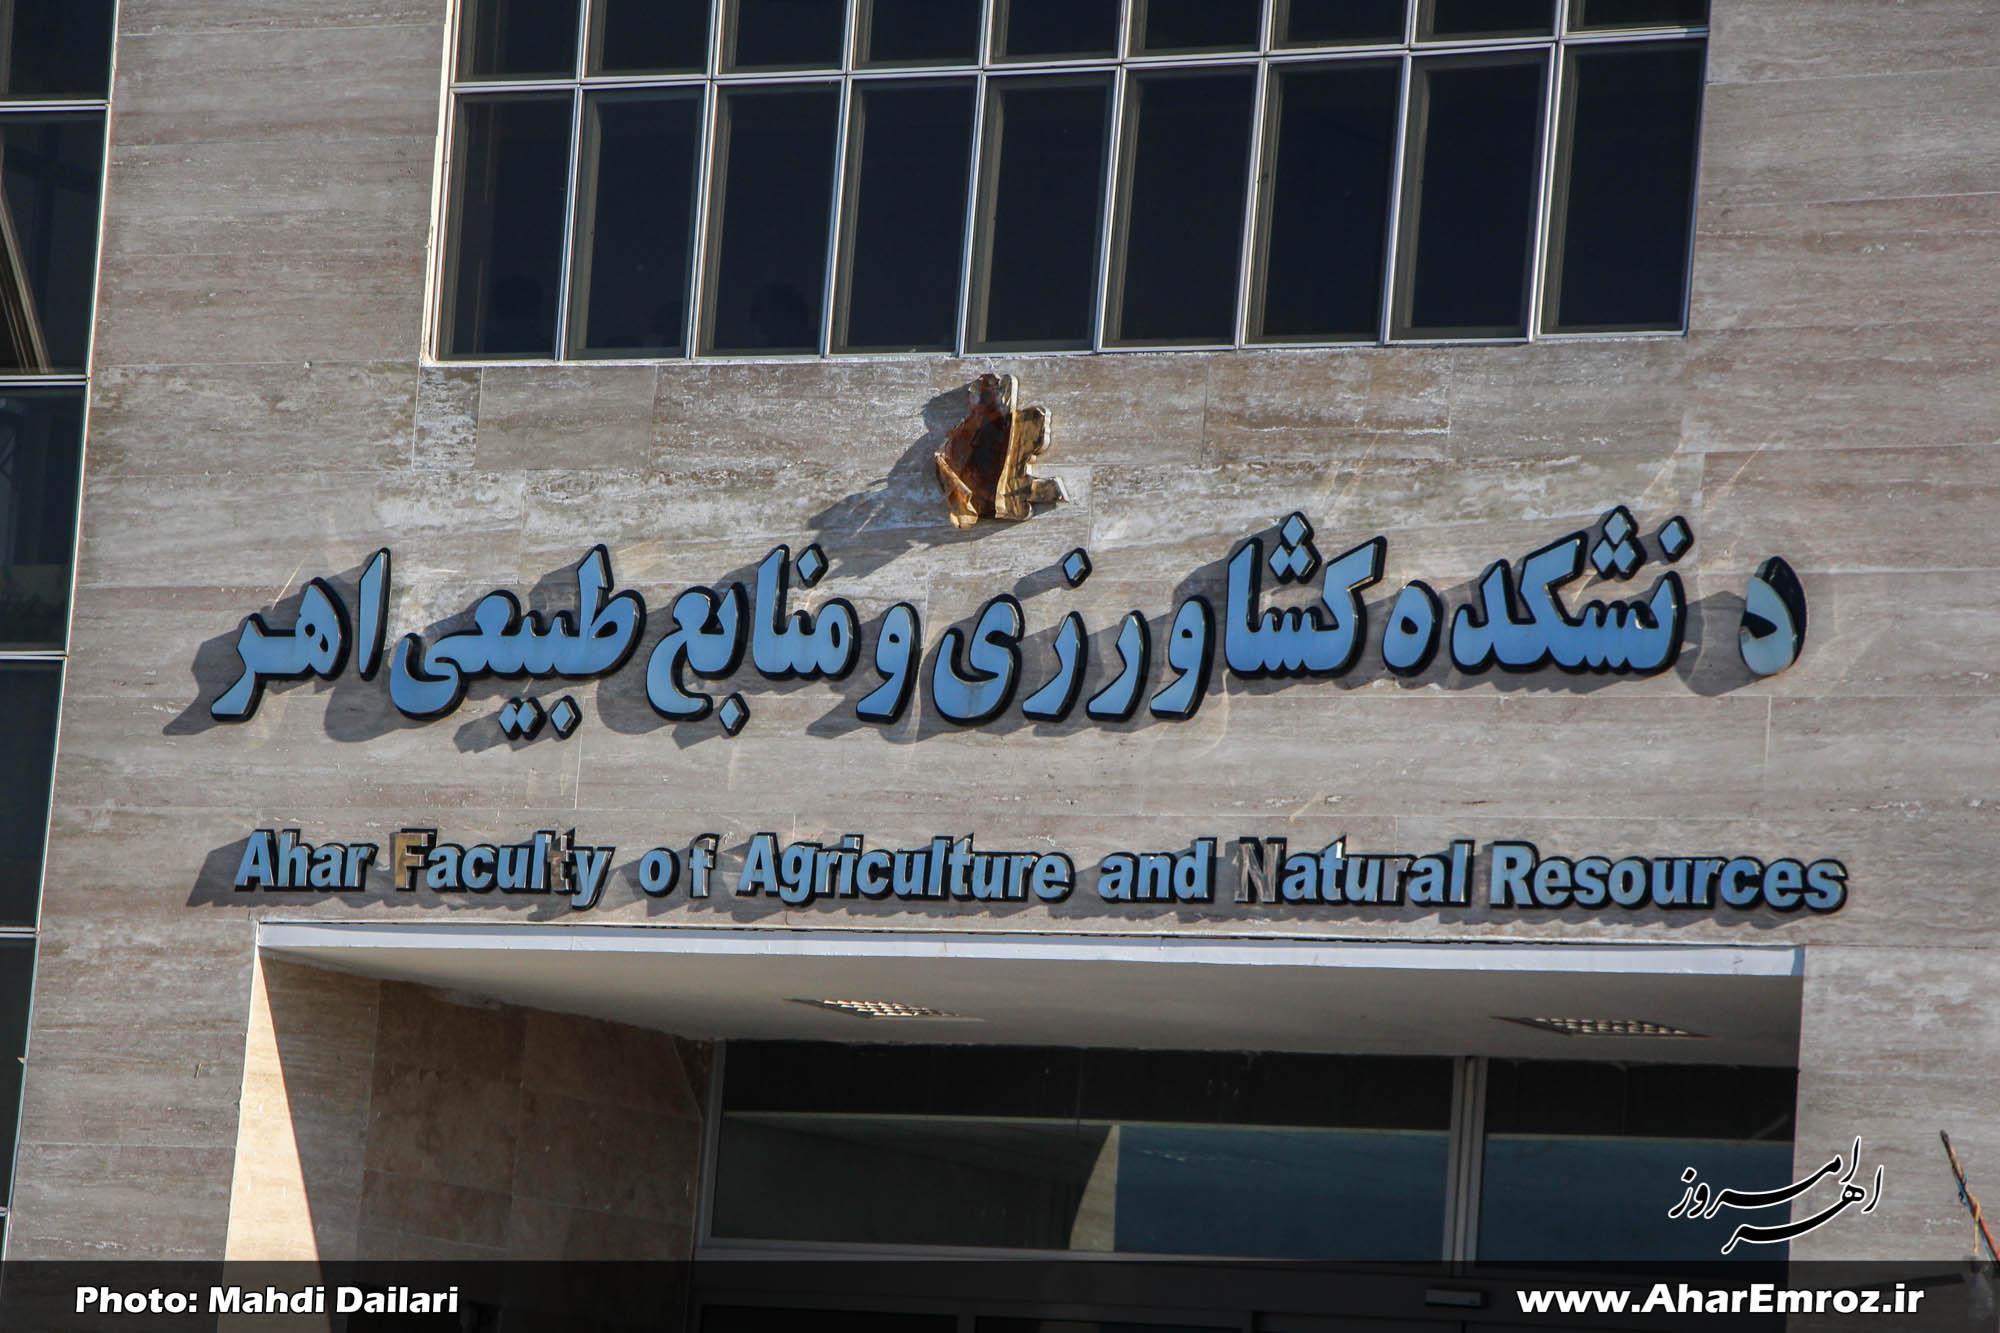 دانشکده کشاورزی اهر چه زمانی افتتاح میشود؟